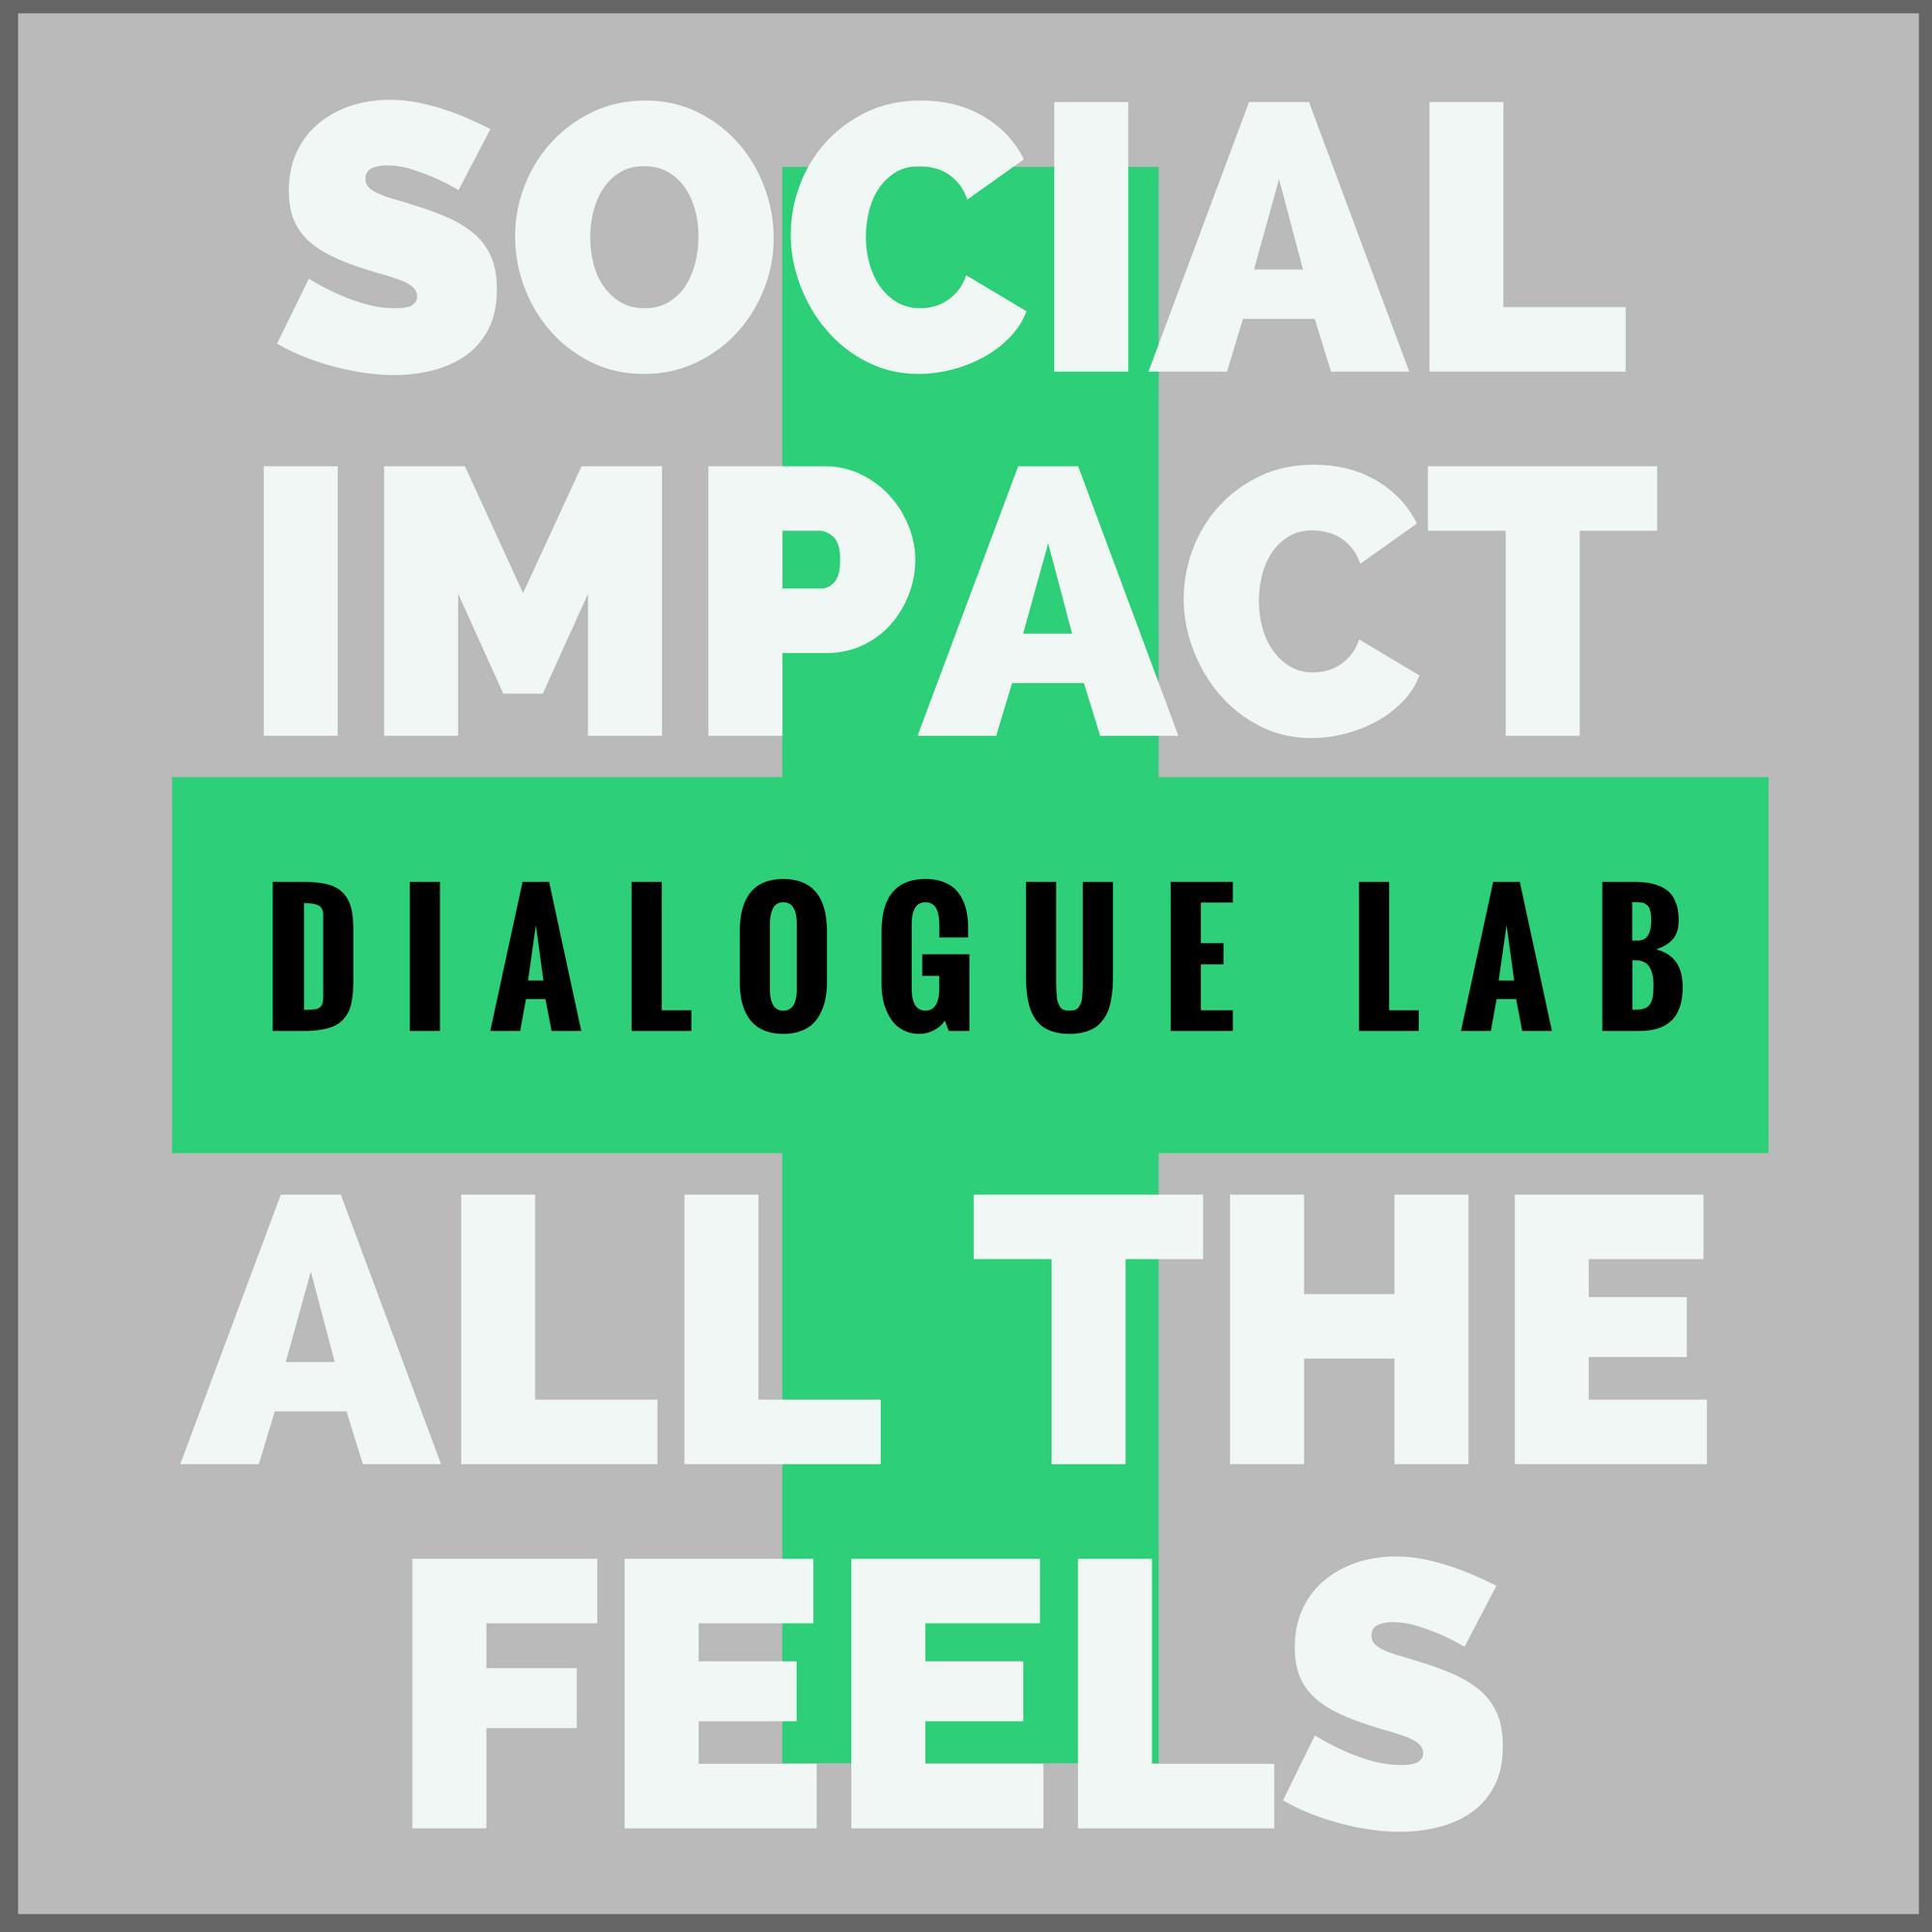 Dialogue Lab